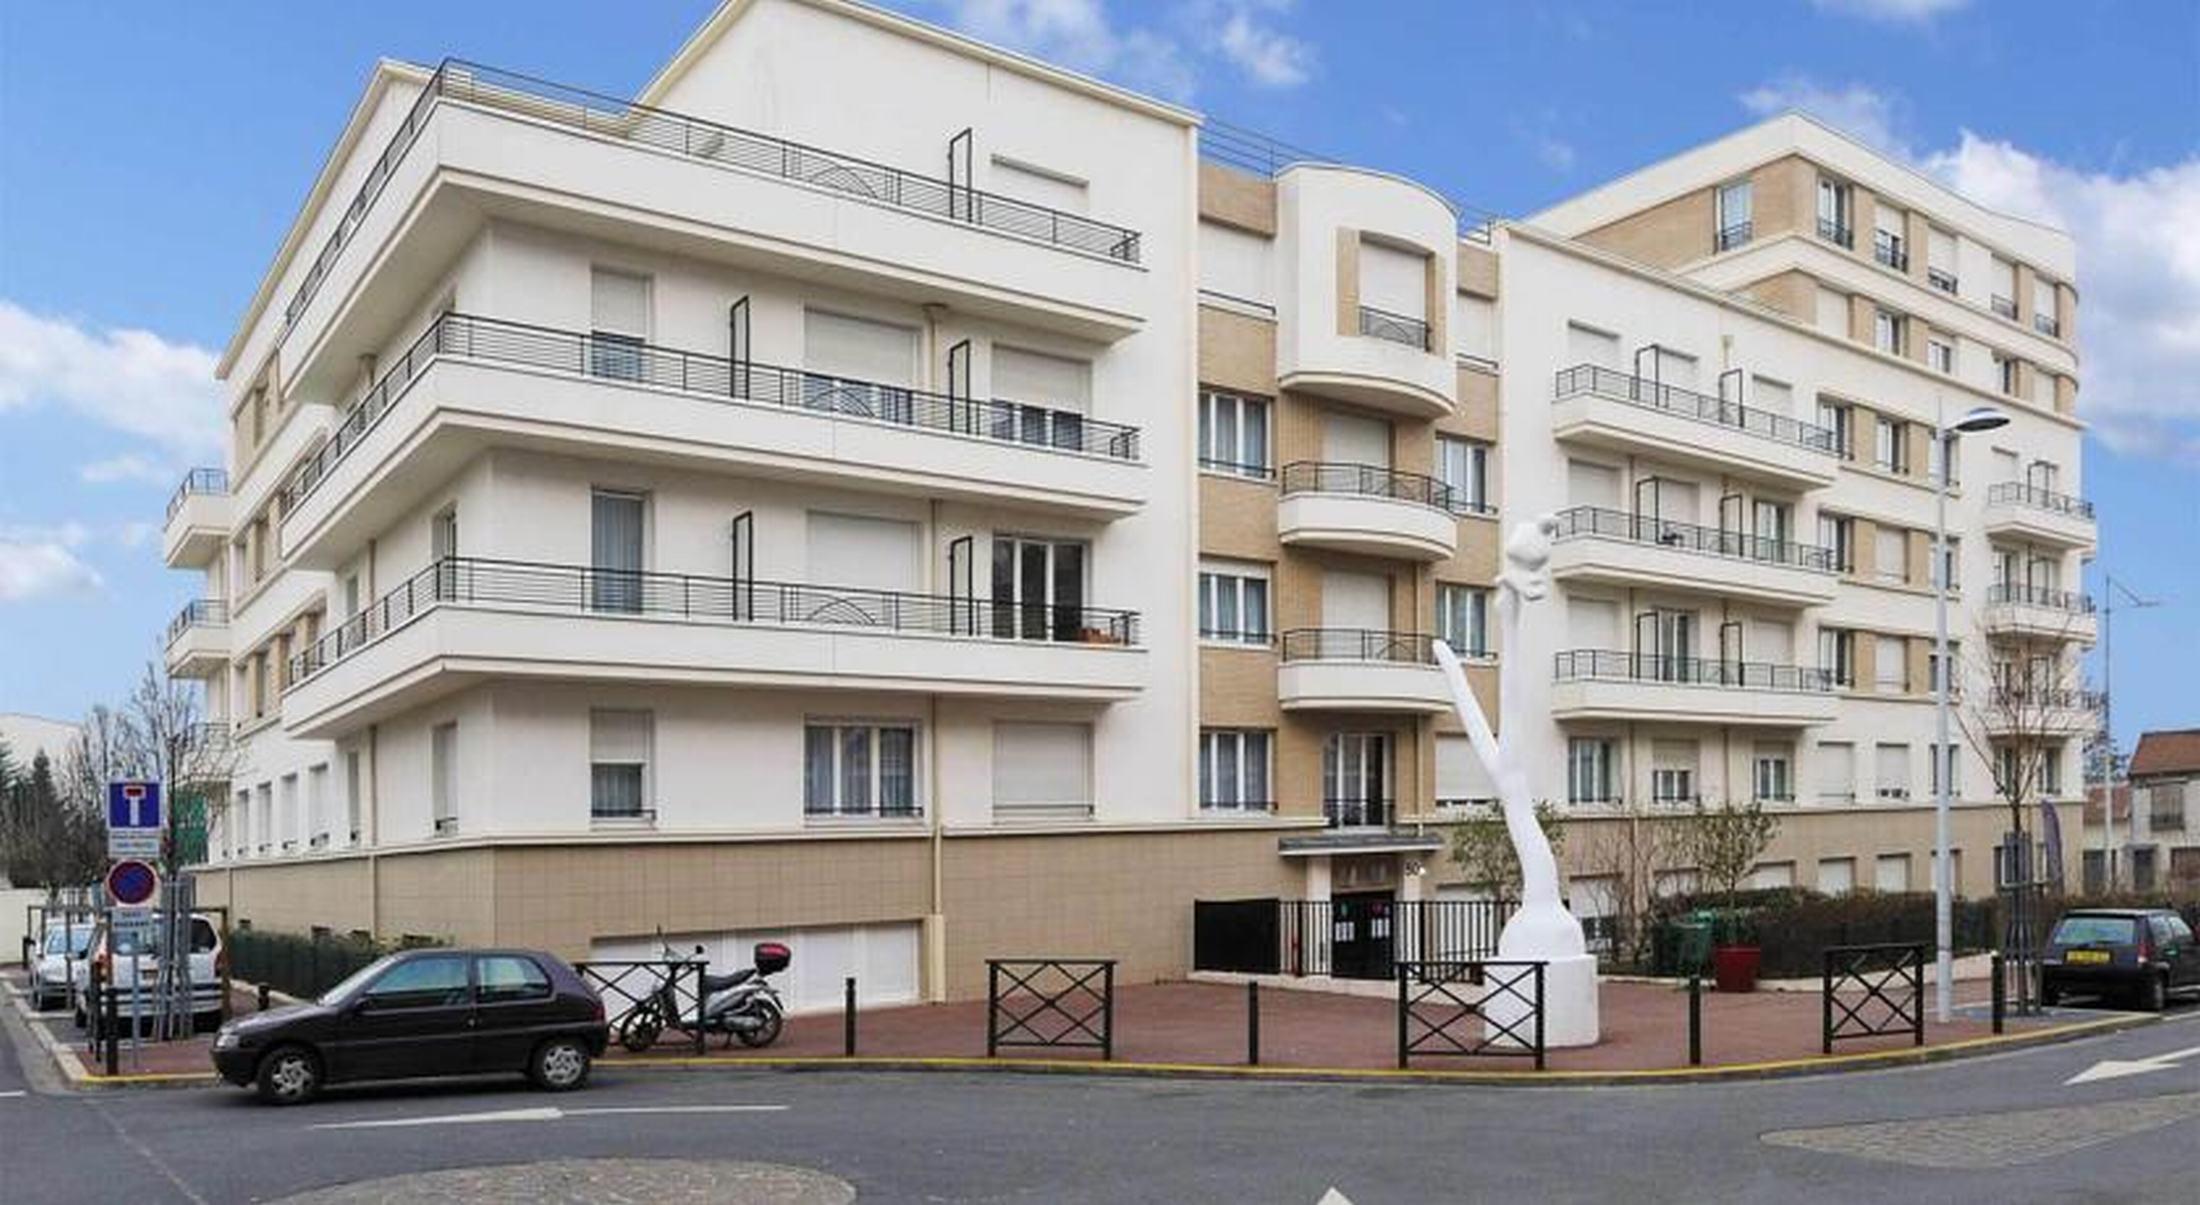 Sejours & Affaires Paris Nanterre